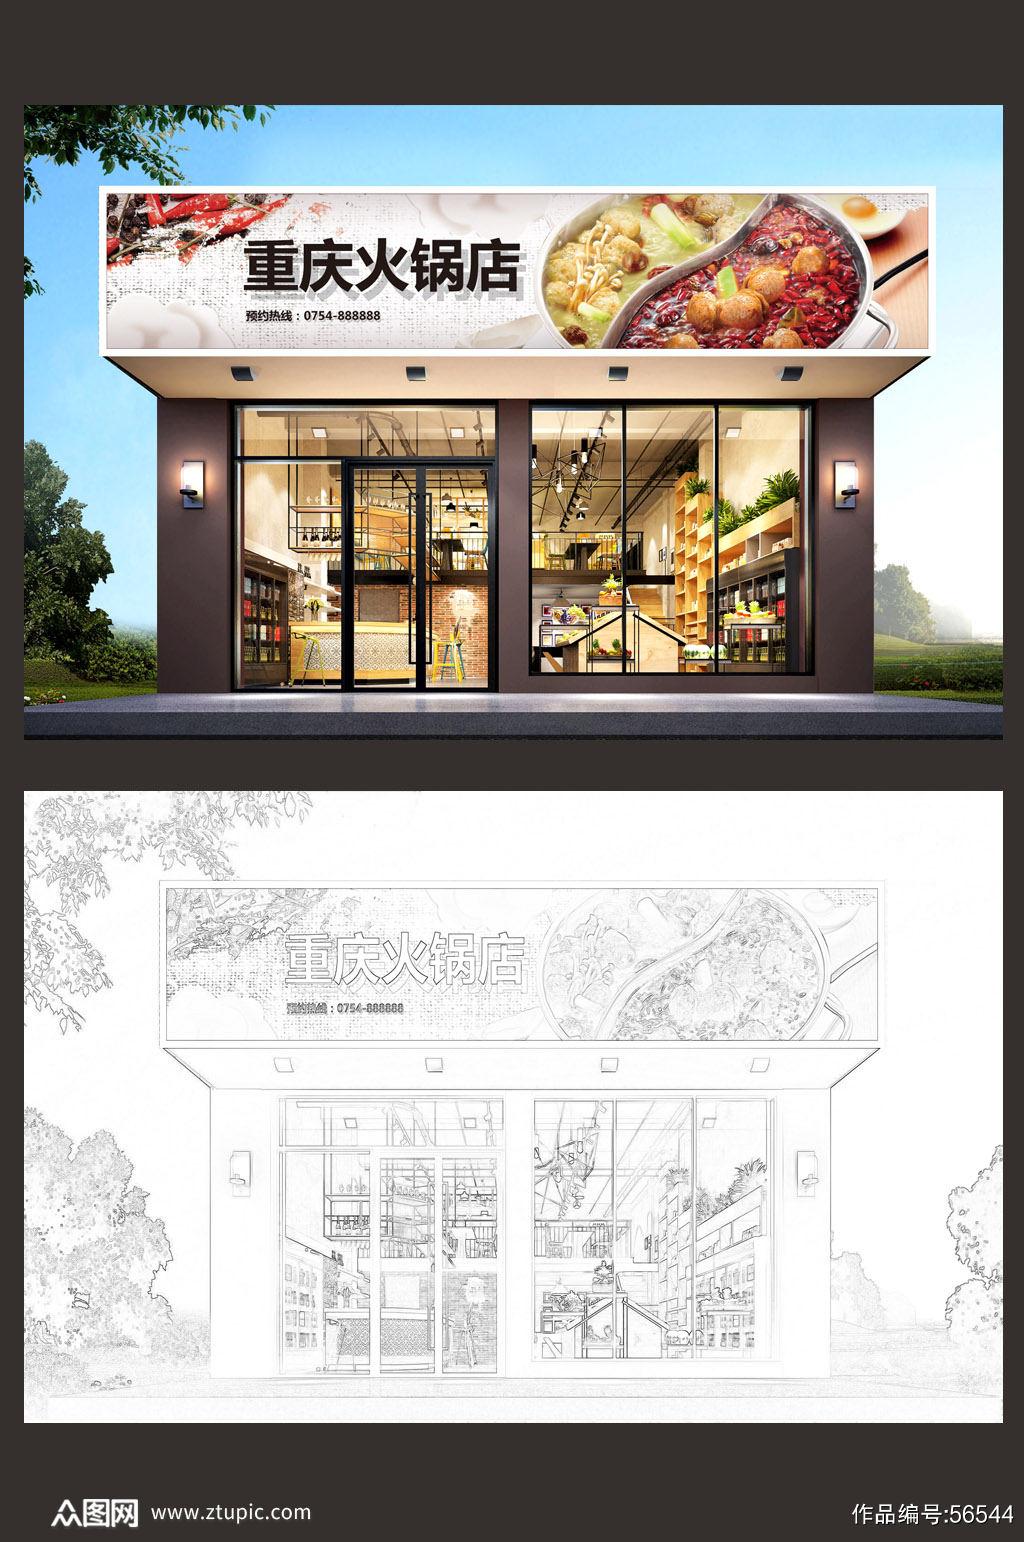 重庆火锅店门头设计模板市集门头素材